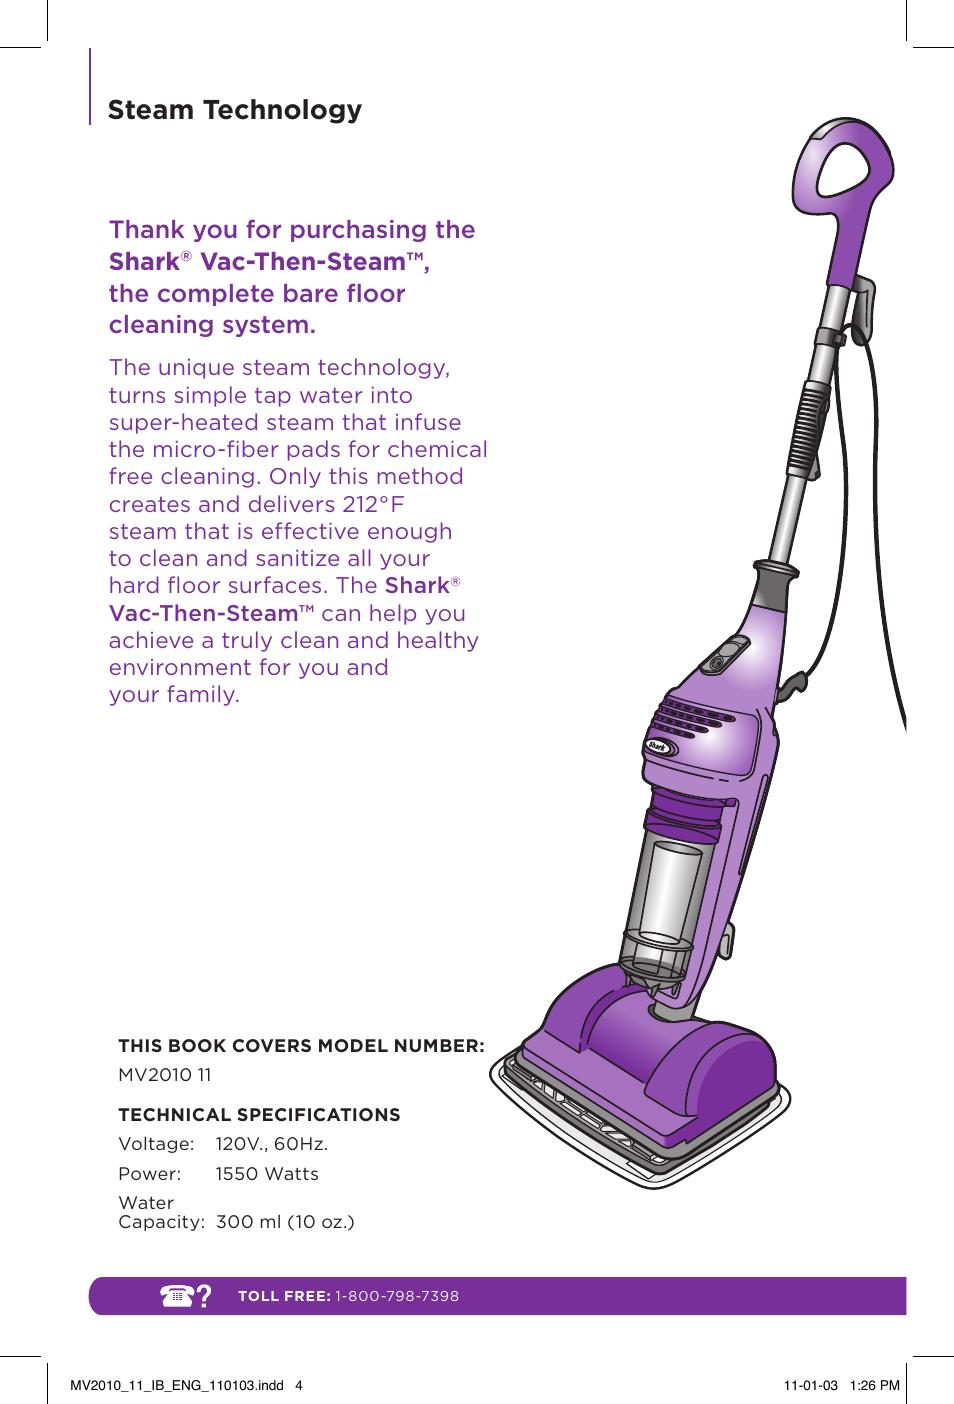 Steam Technology Shark Vac Then Steam Mv2010 User Manual